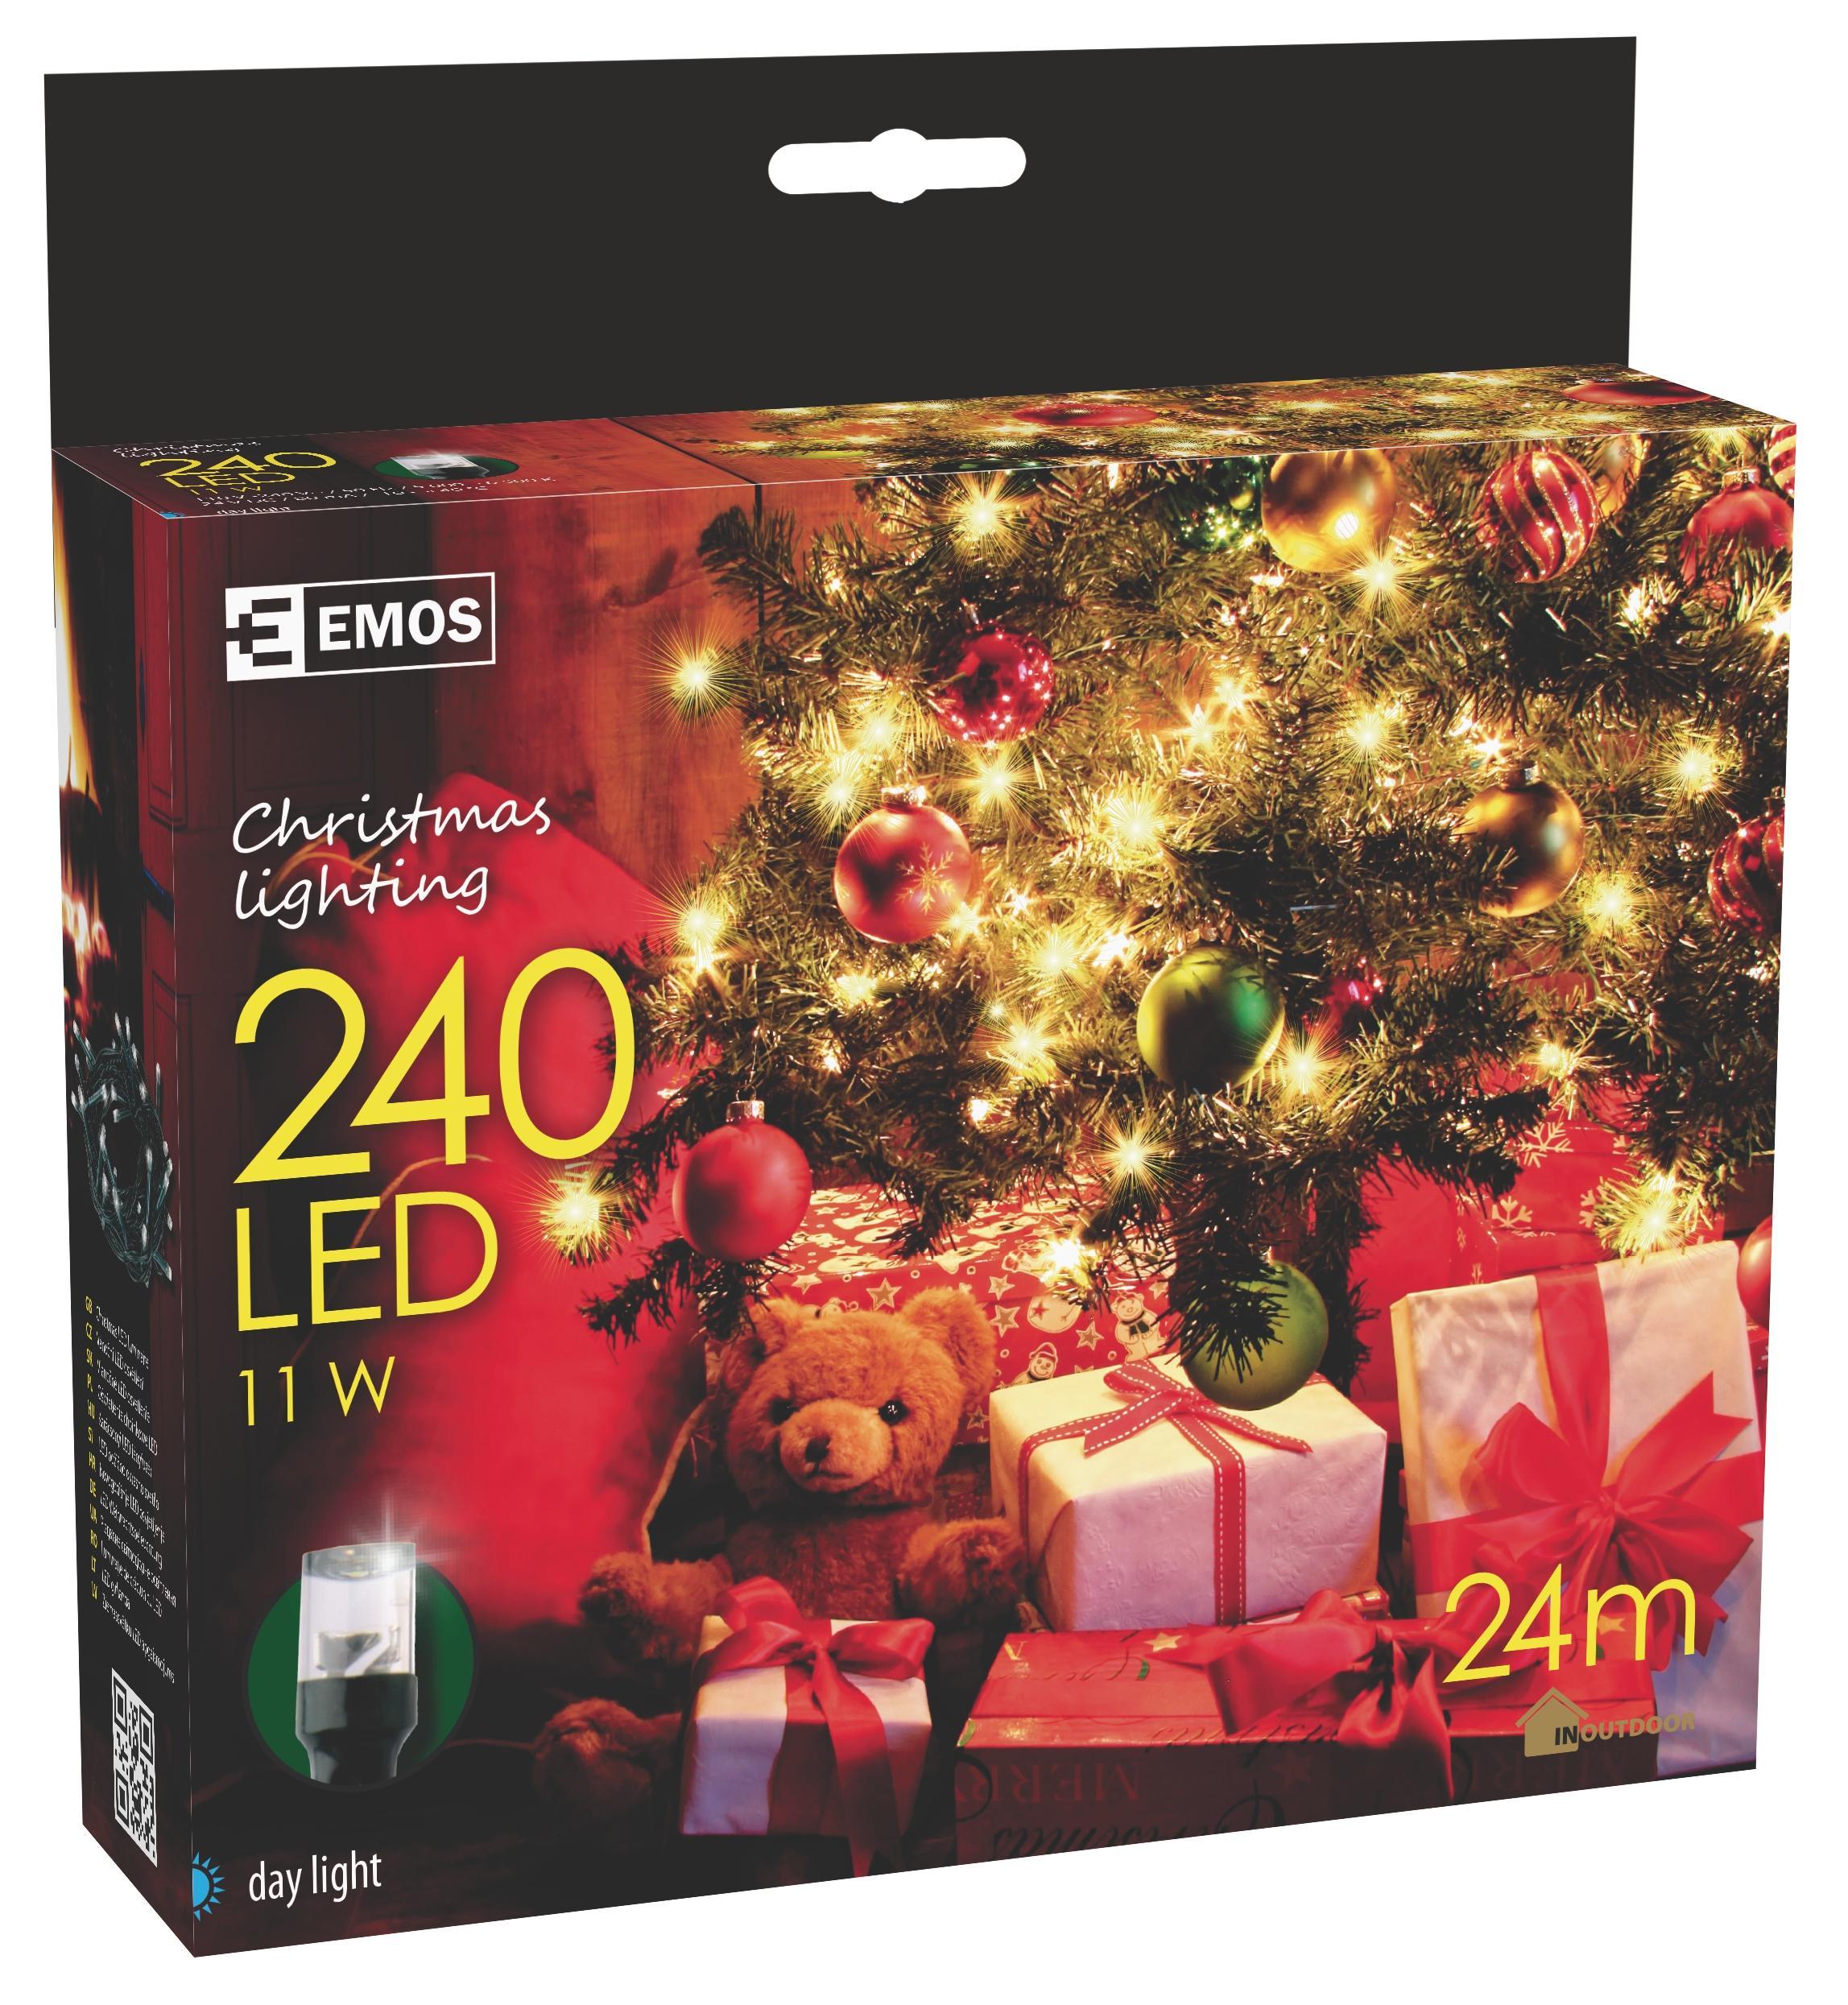 240 LED vánoční osvětlení 24M IP44 denní světlo